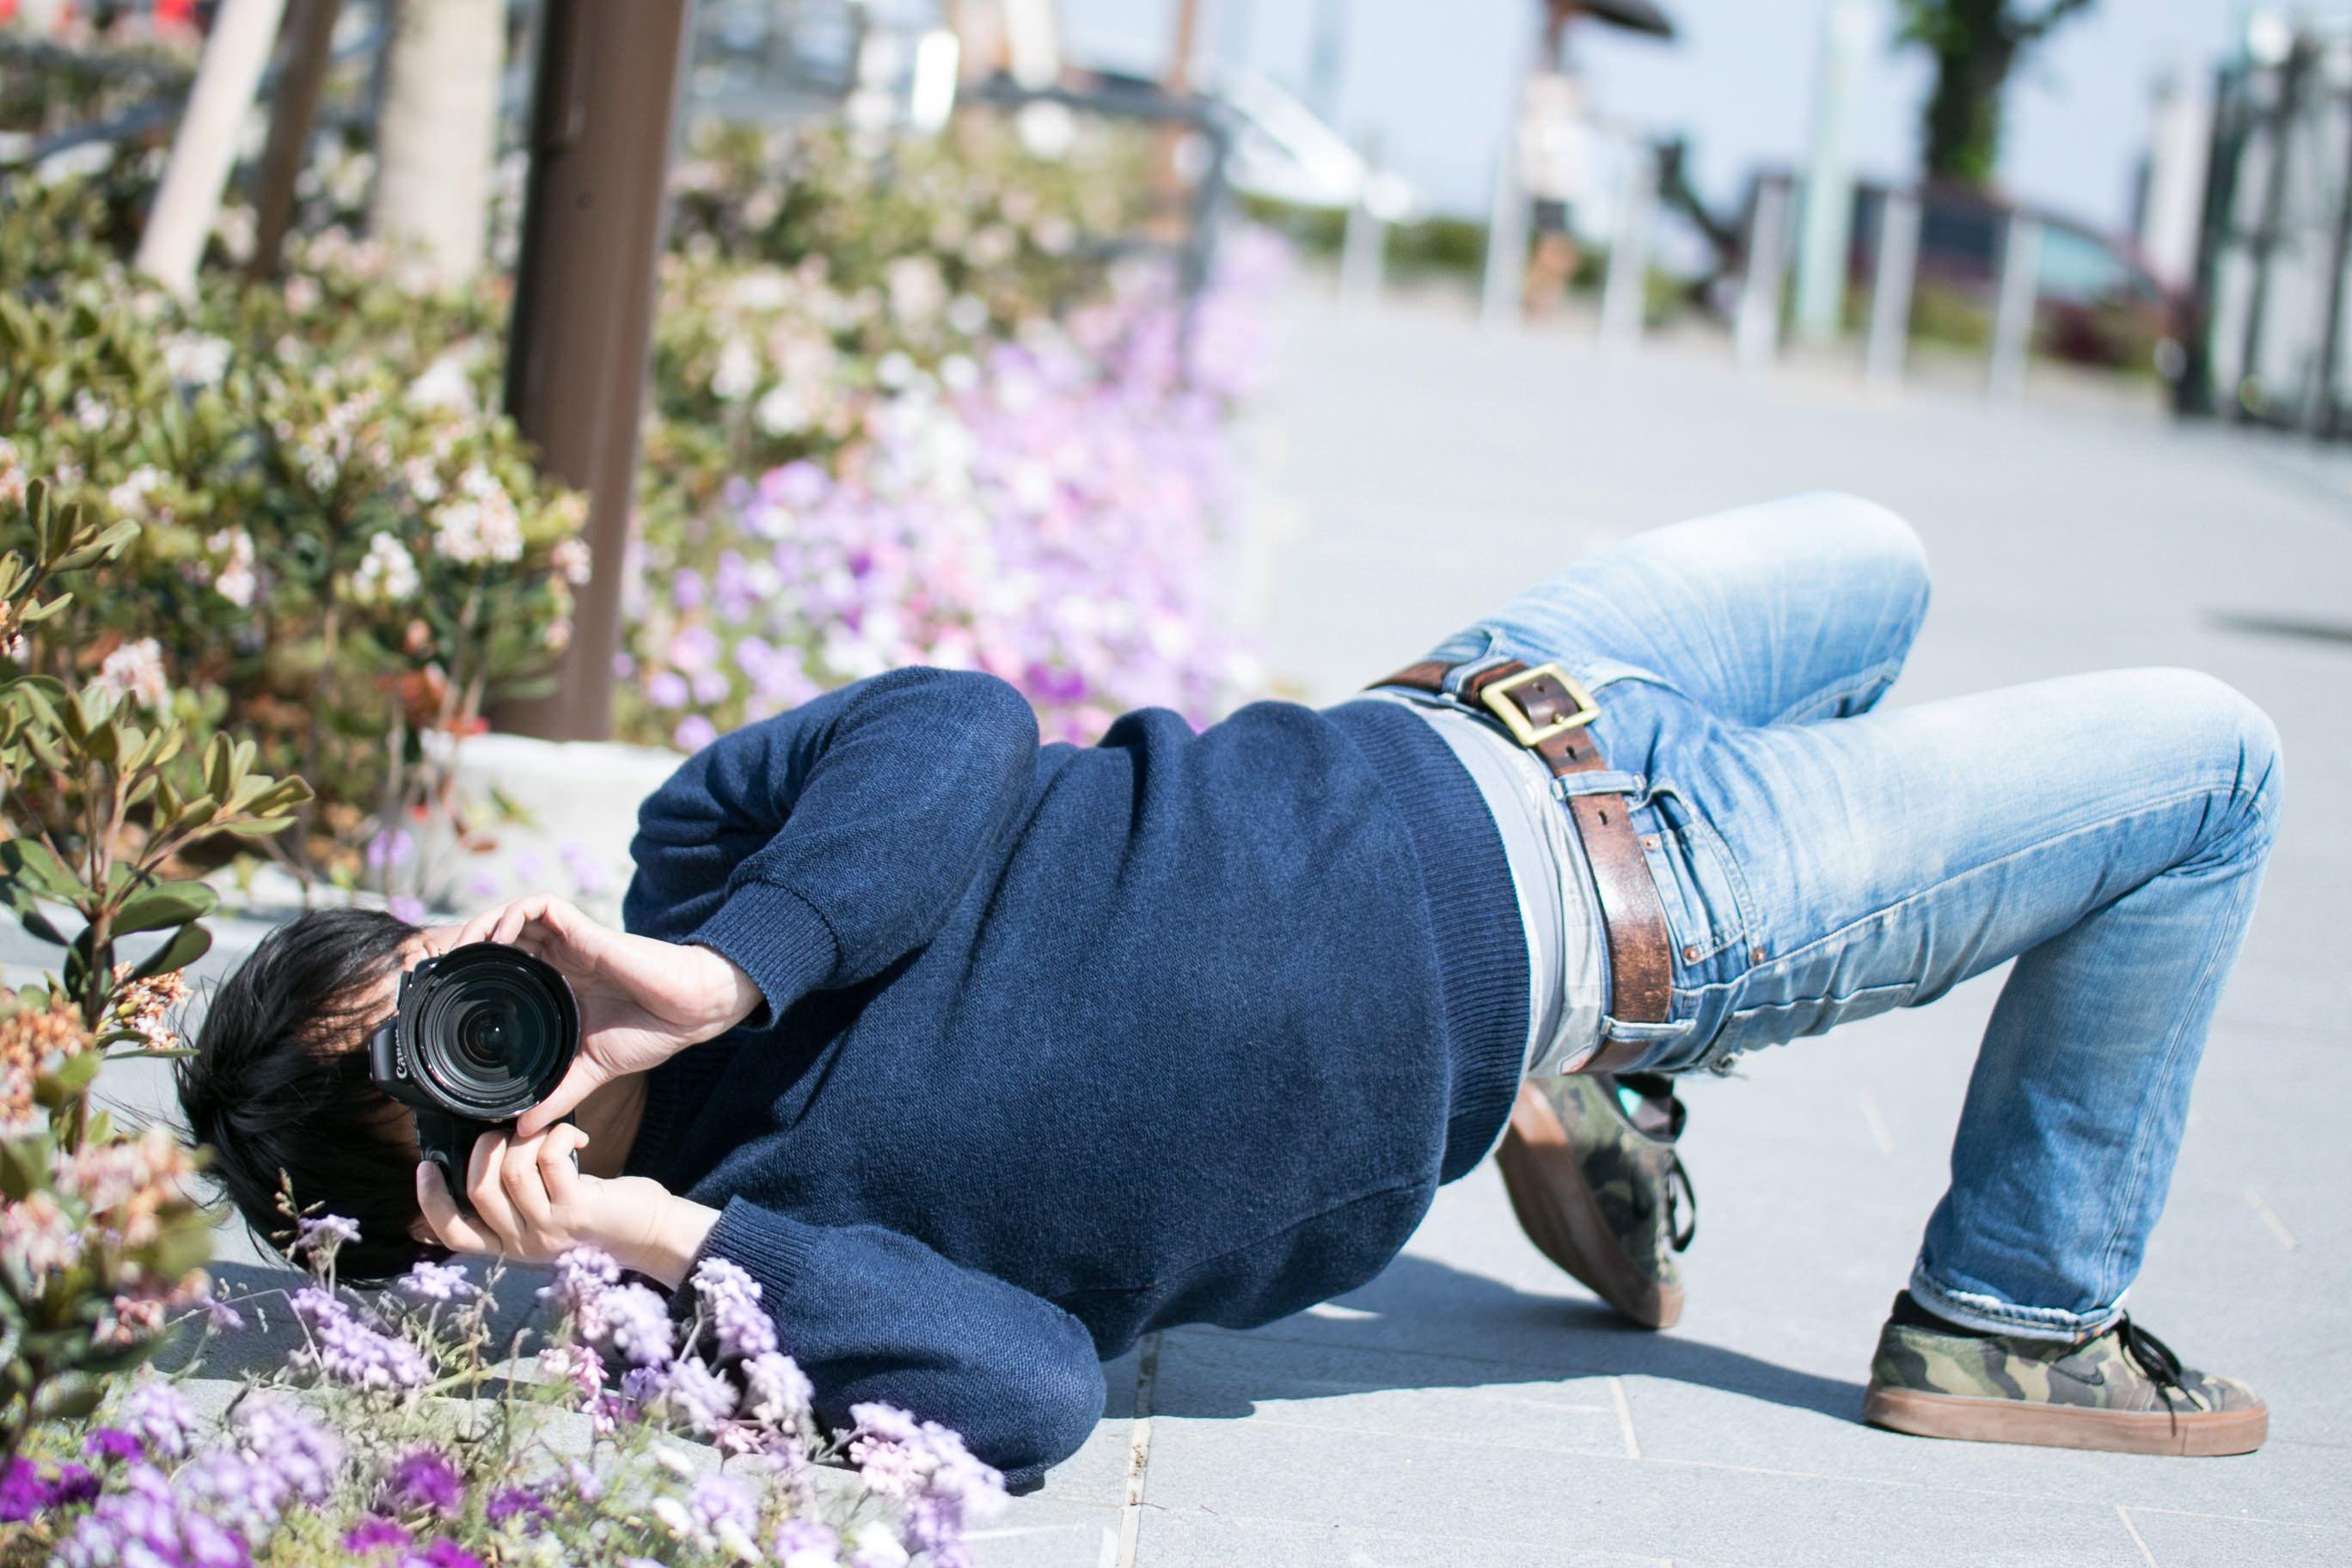 【セパレート】陸上ブルマー愛好会【目一杯抜いて!】32 [無断転載禁止]©bbspink.comYouTube動画>10本 ->画像>307枚